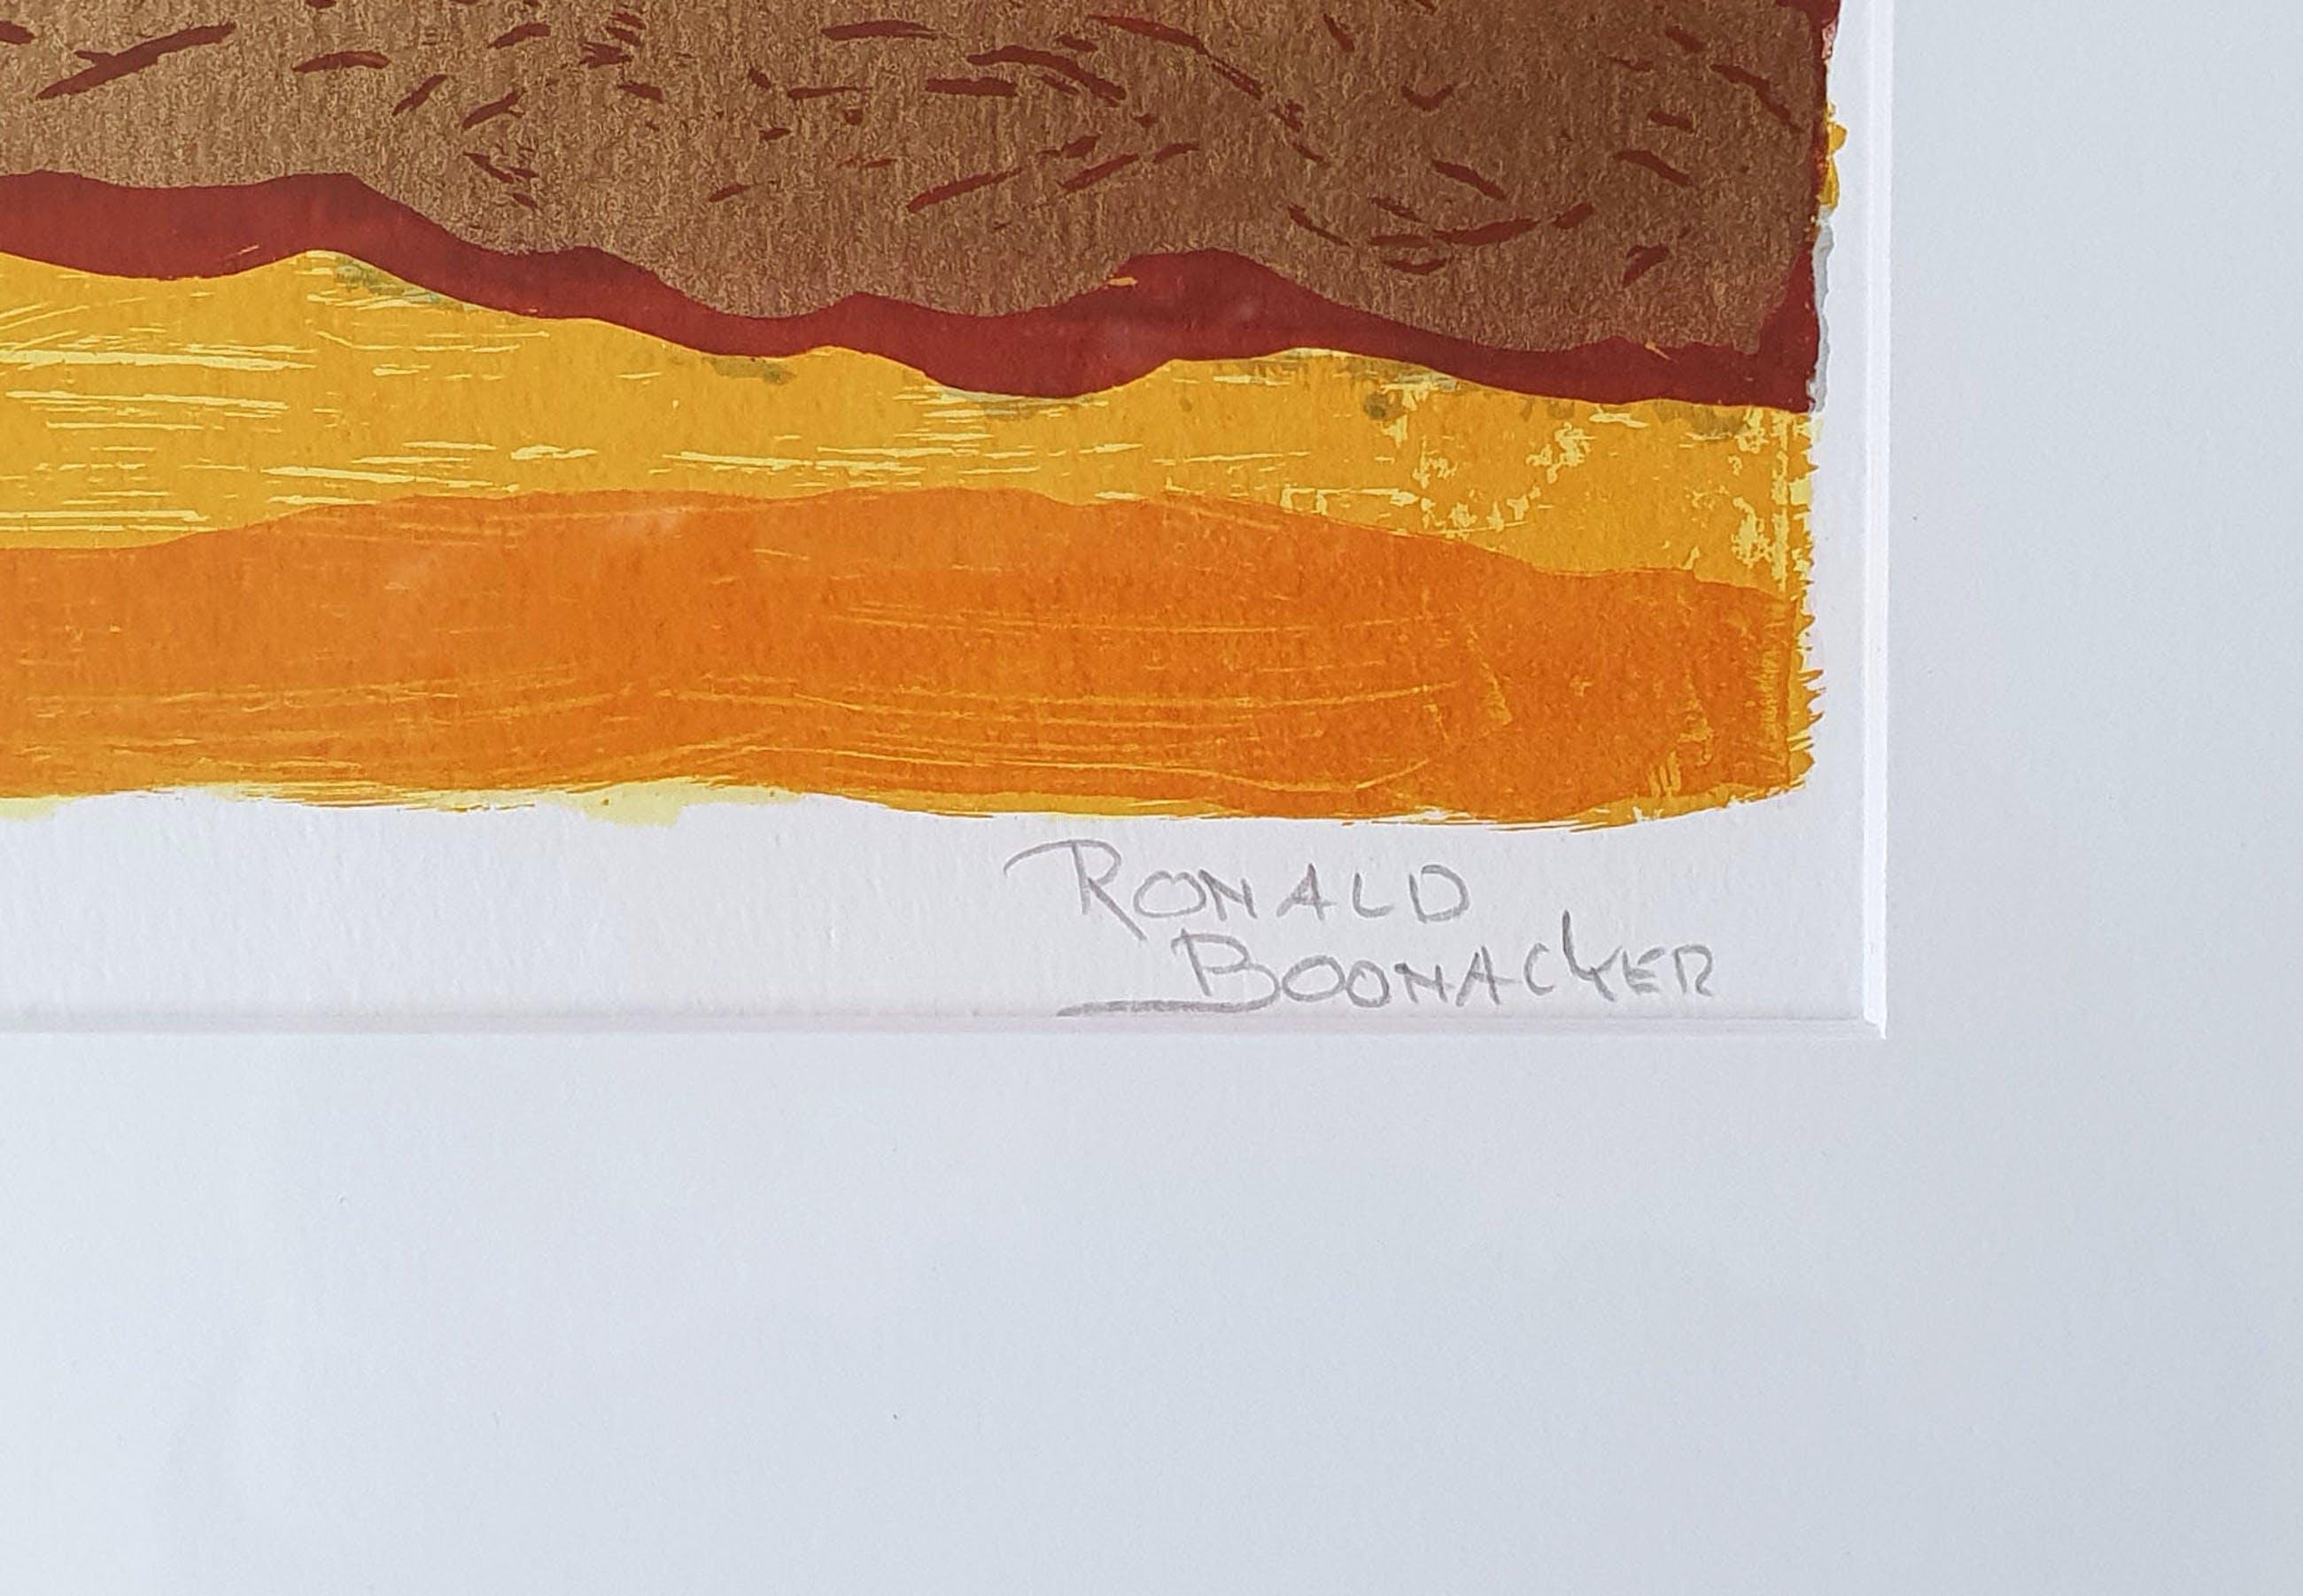 Ronald Boonacker - Toscana I - (Nieuwe lijst) kopen? Bied vanaf 95!